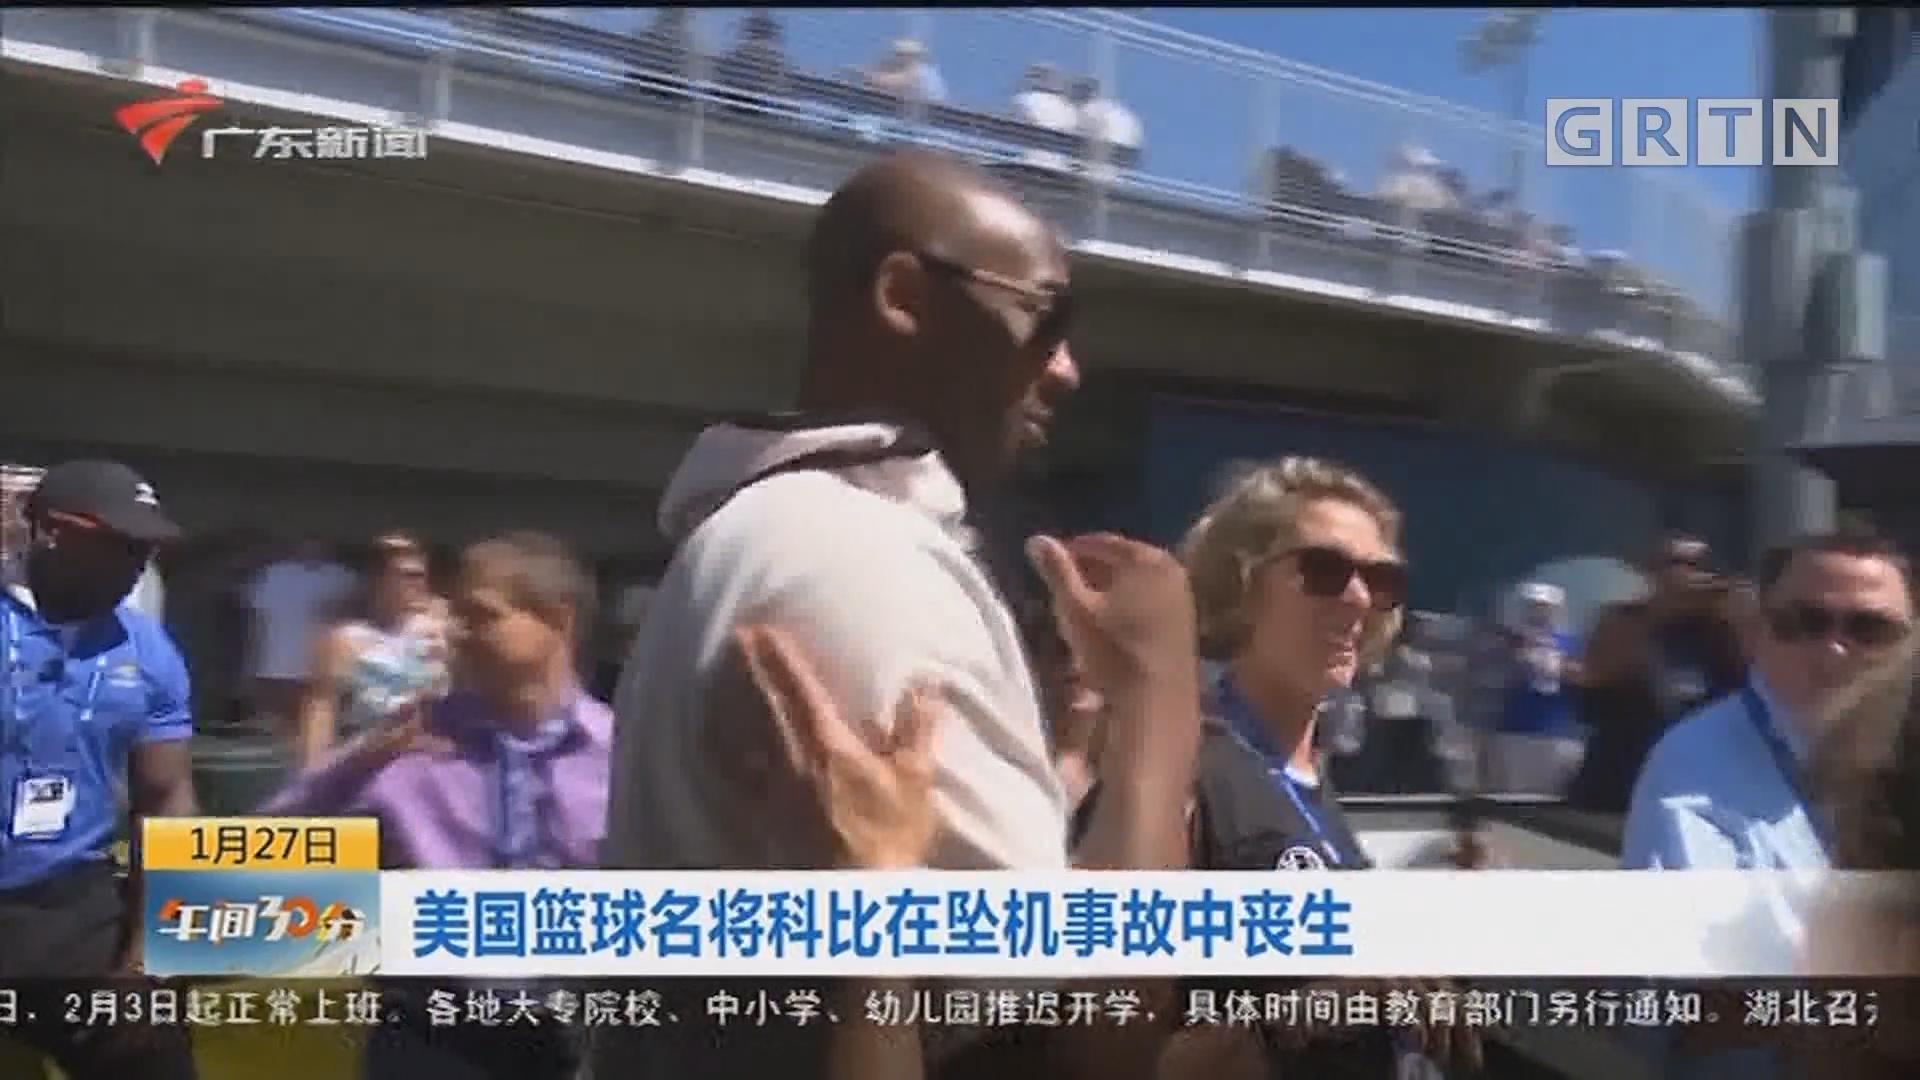 美国篮球名将科比在坠机事故中丧生